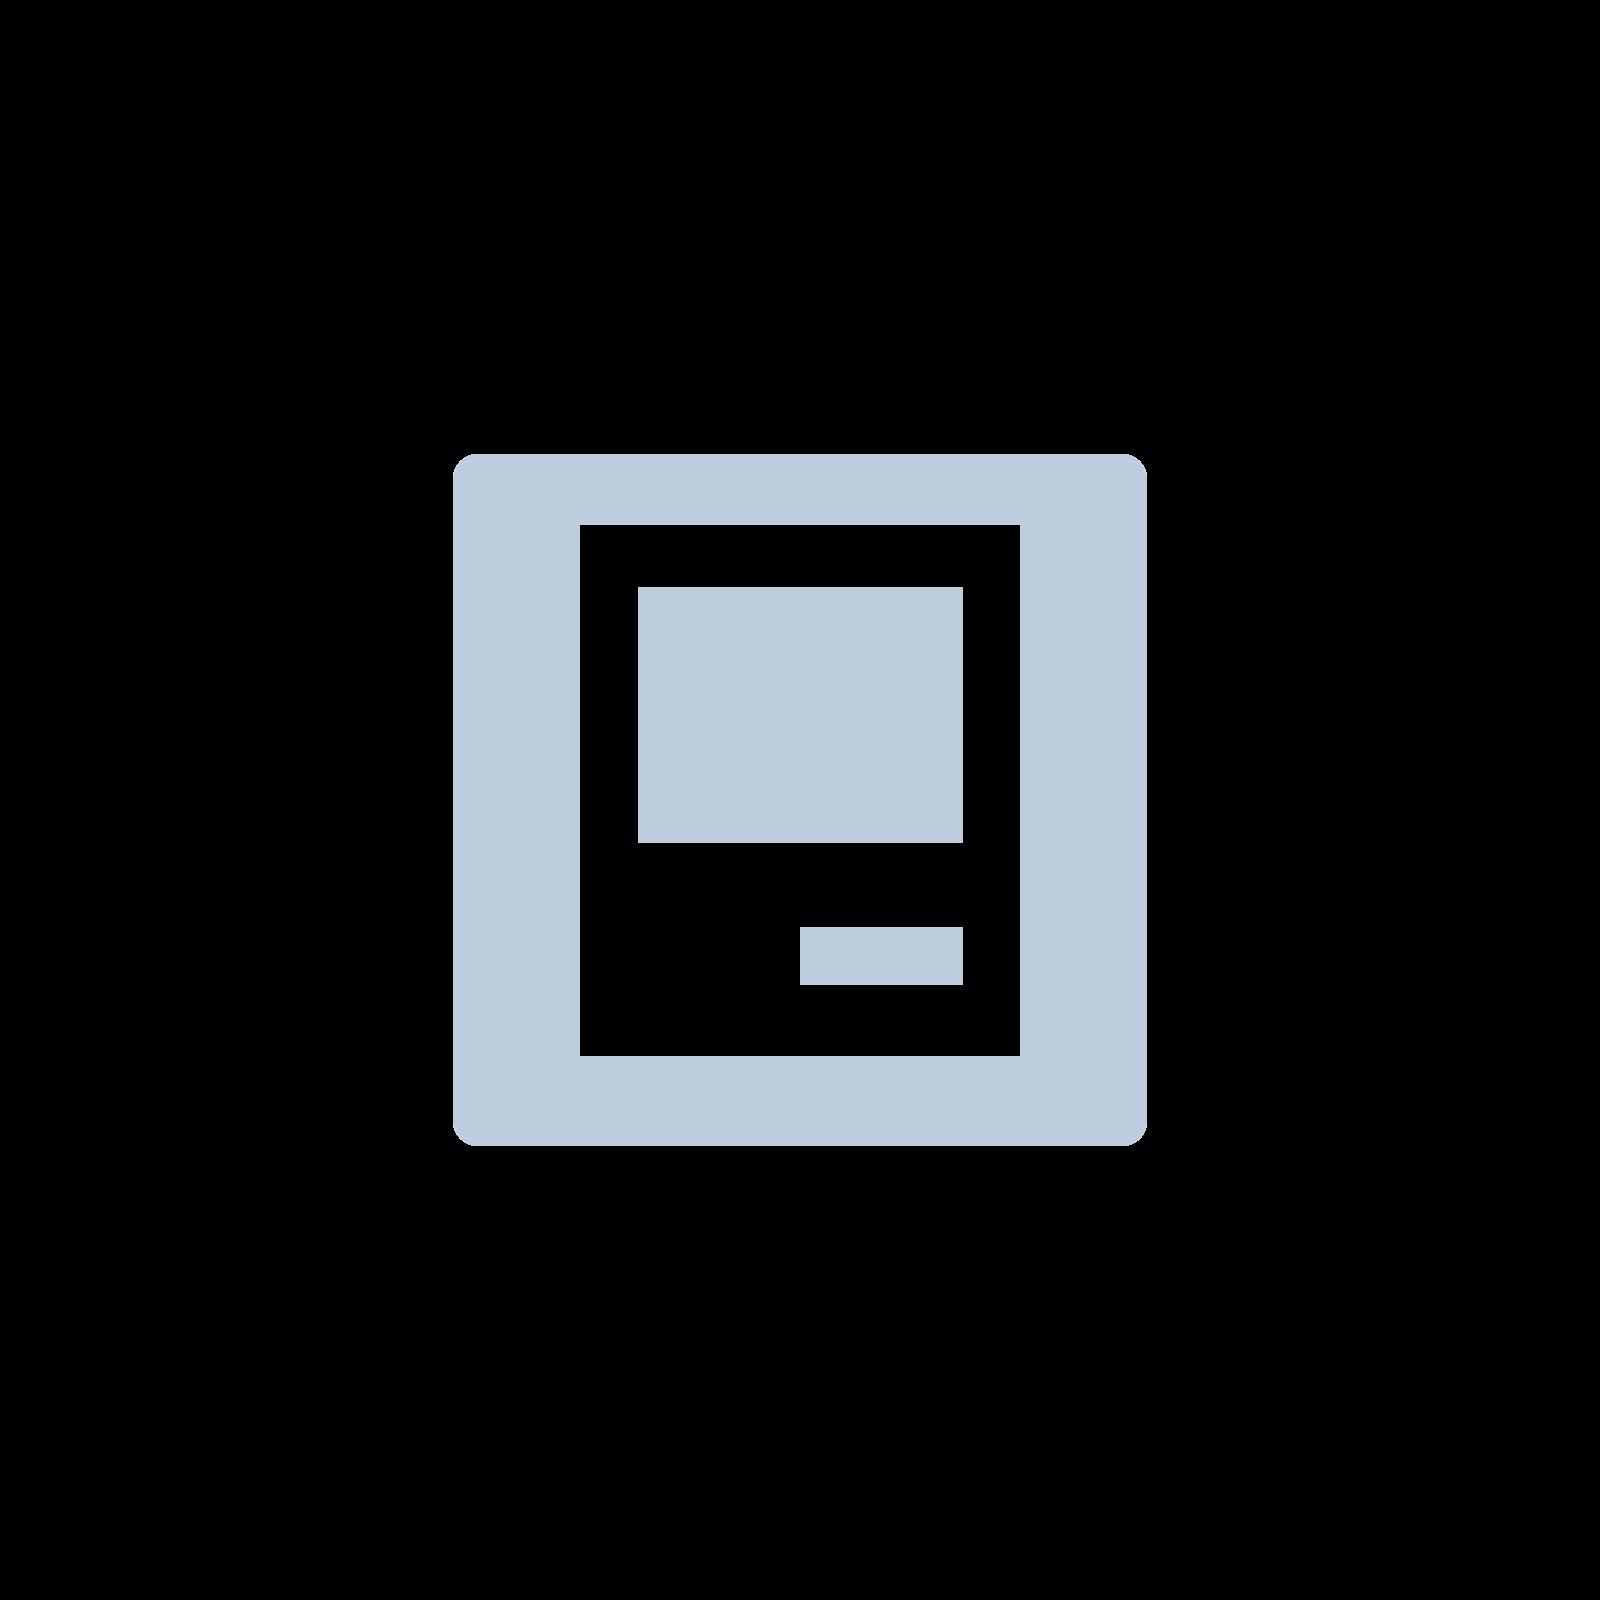 """iMac 50,80 cm (20,0"""") PowerPC G5 2.1GHz (PowerMac12,1, 250GB, 1,5GB)"""